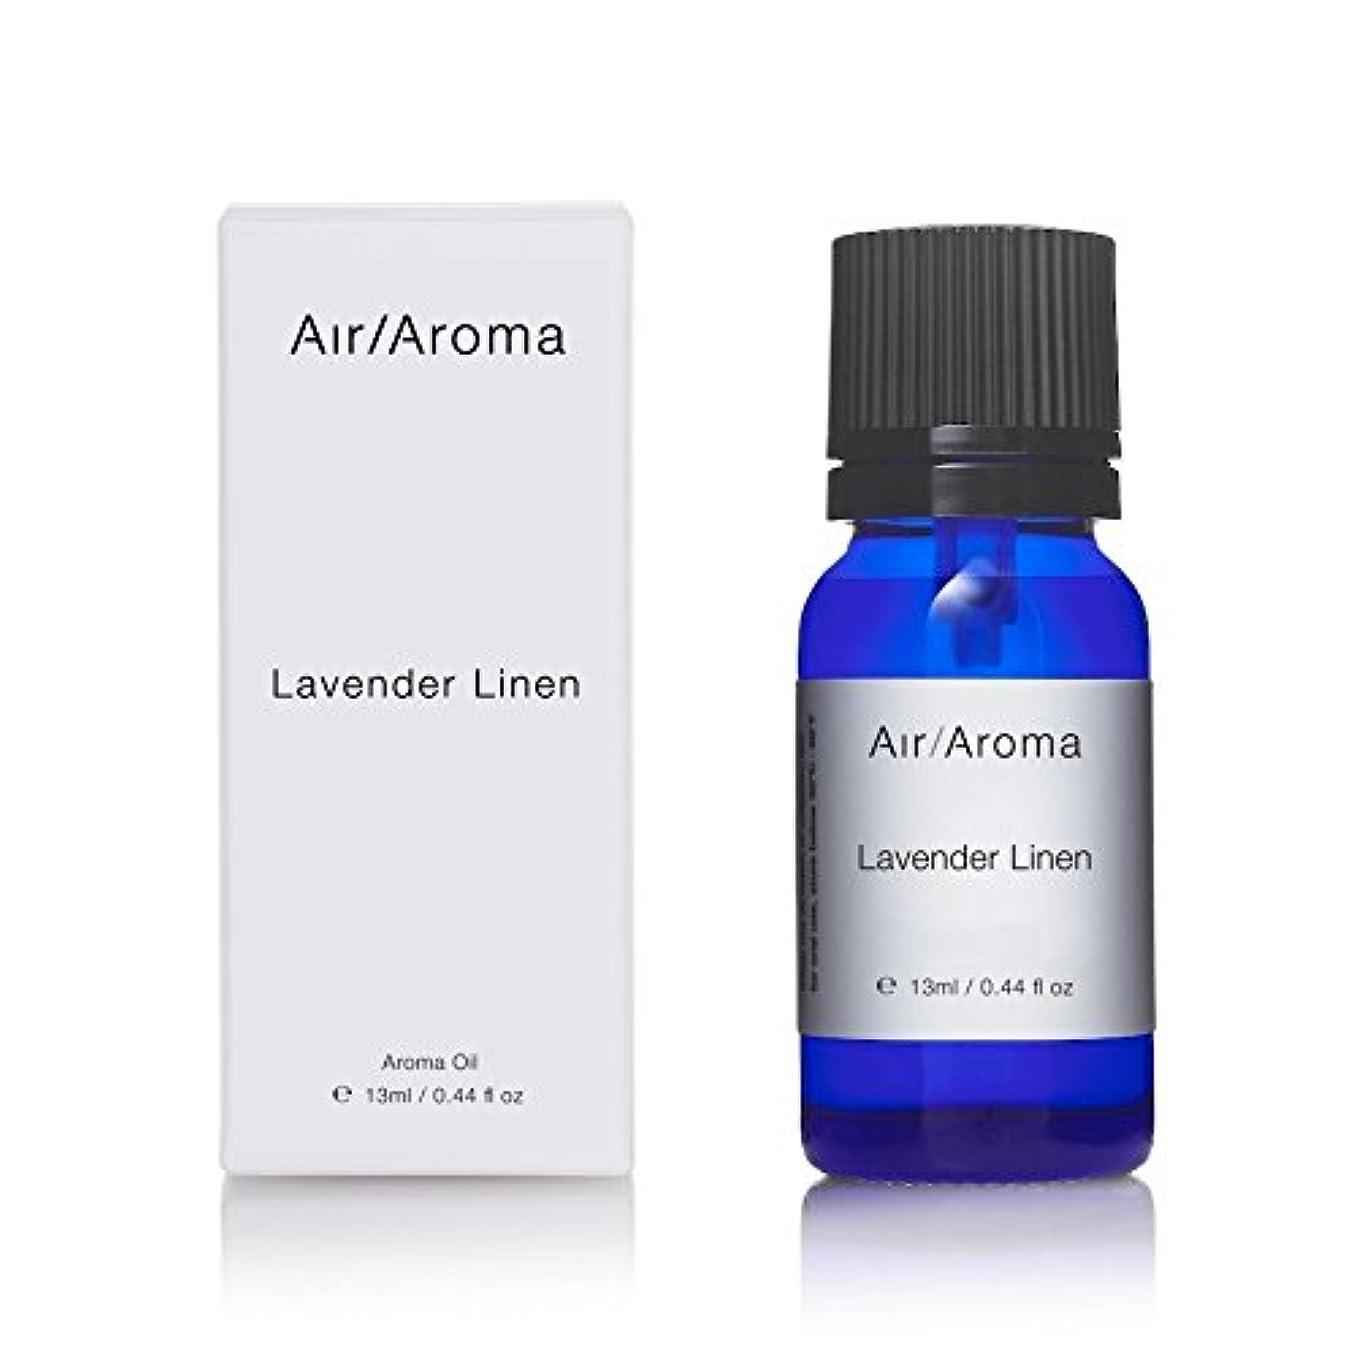 ハーフ共和党カフェエアアロマ lavender linen (ラベンダーリネン) 13ml